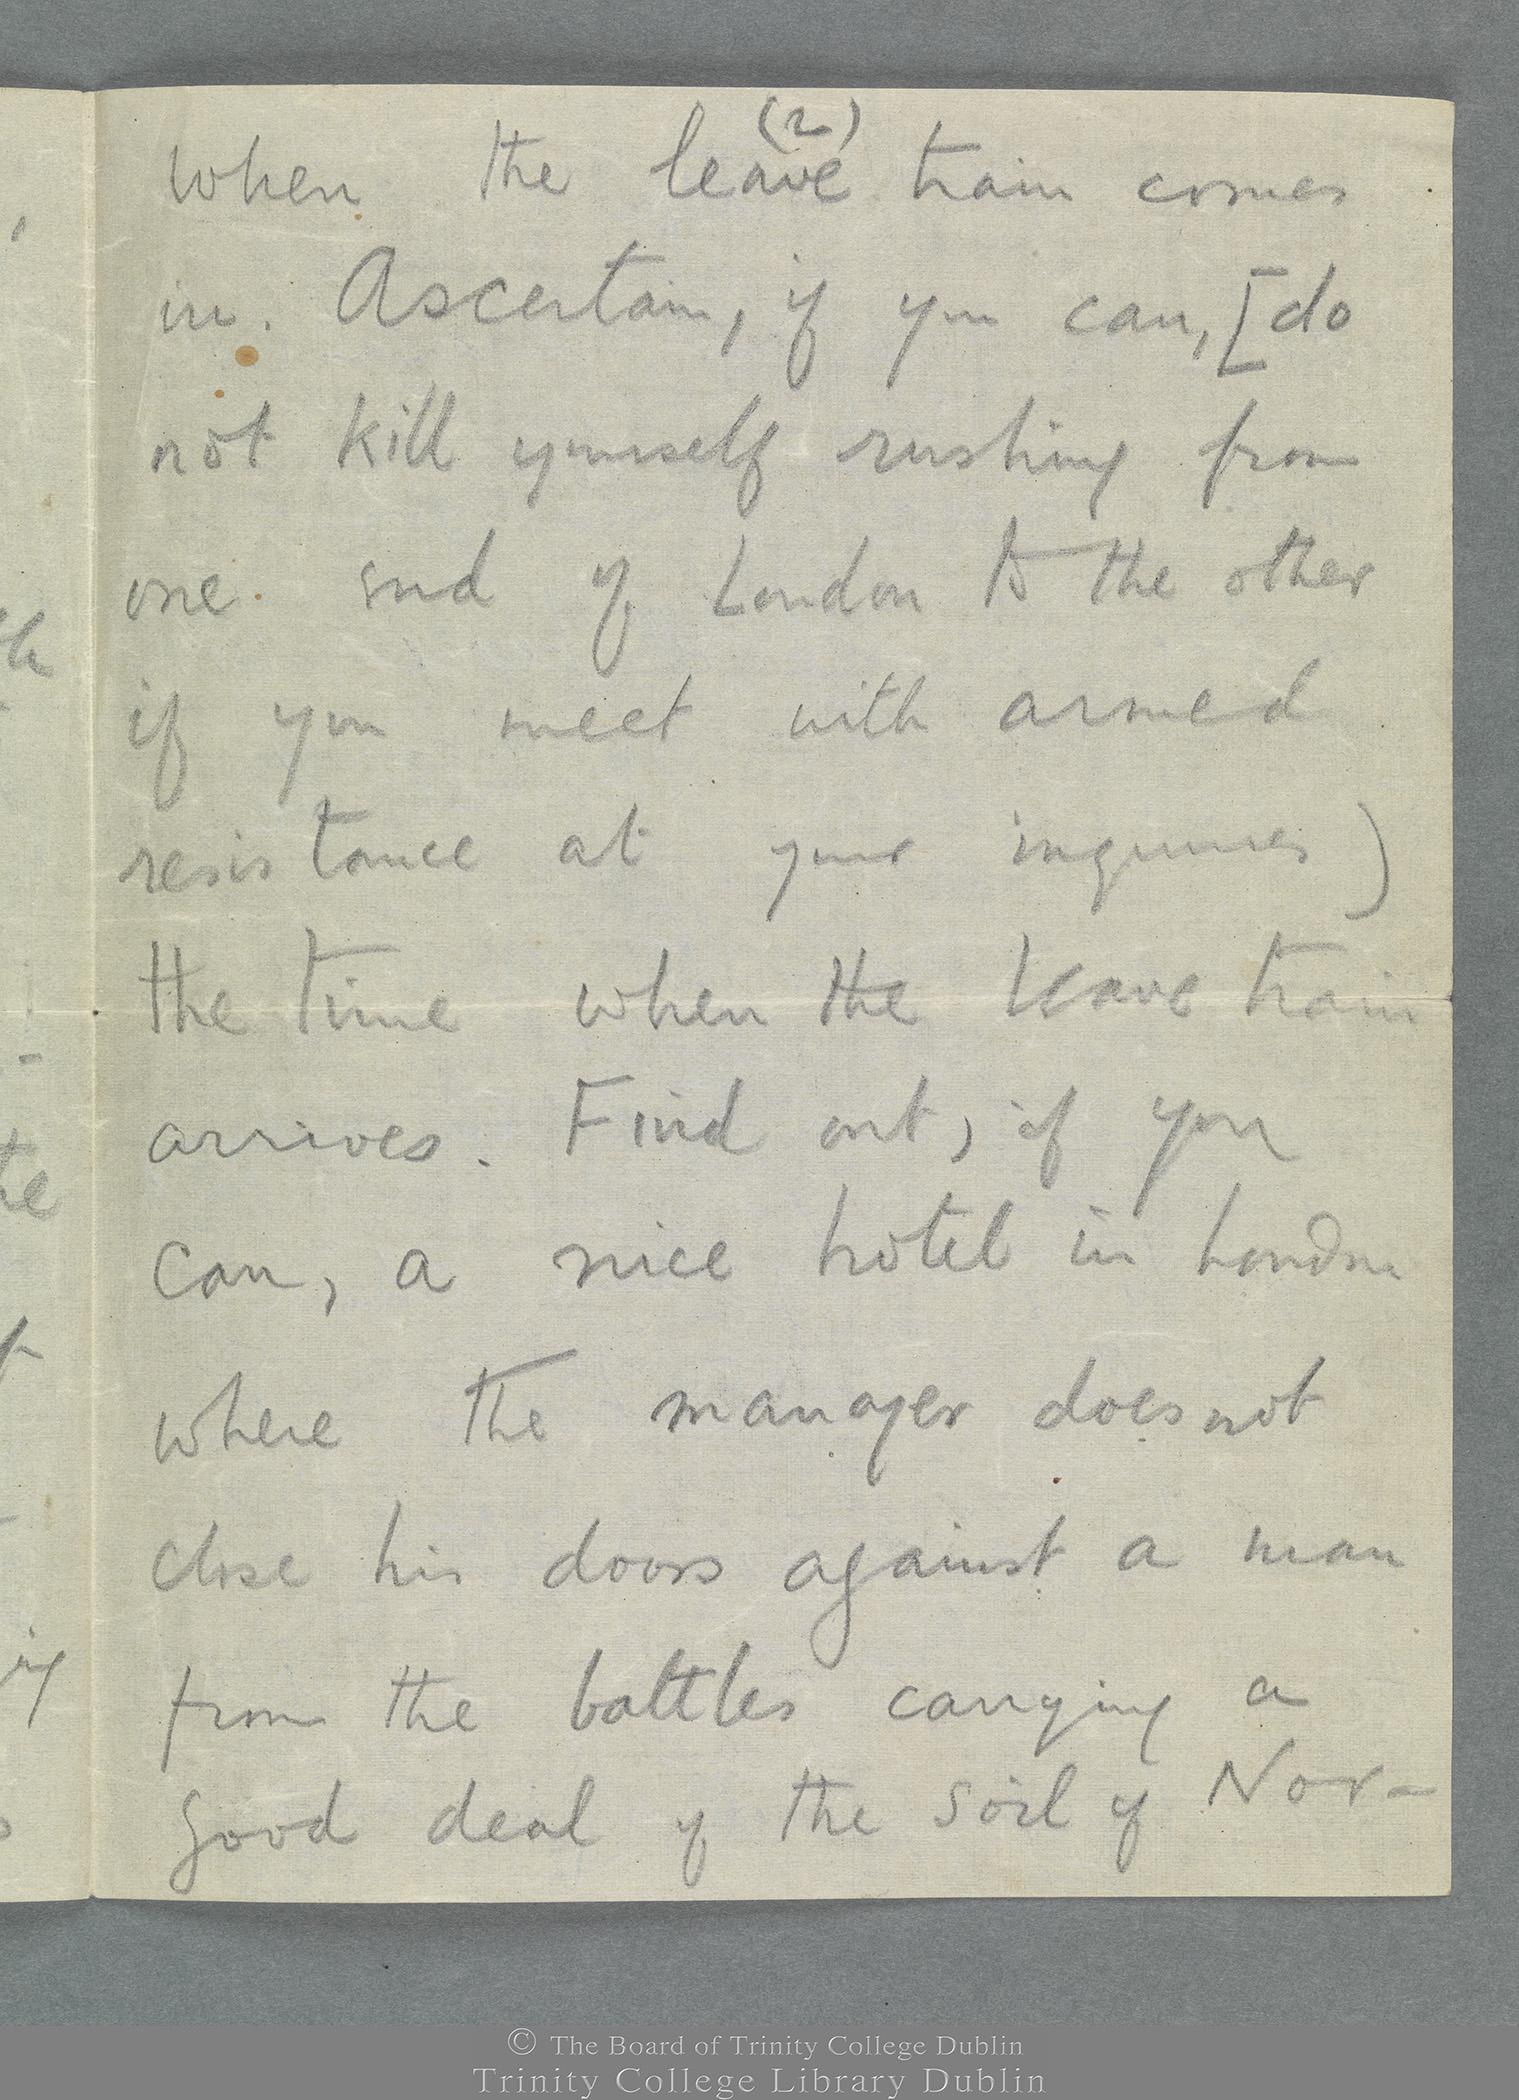 TCD MS 11274/19 folio 1 verso